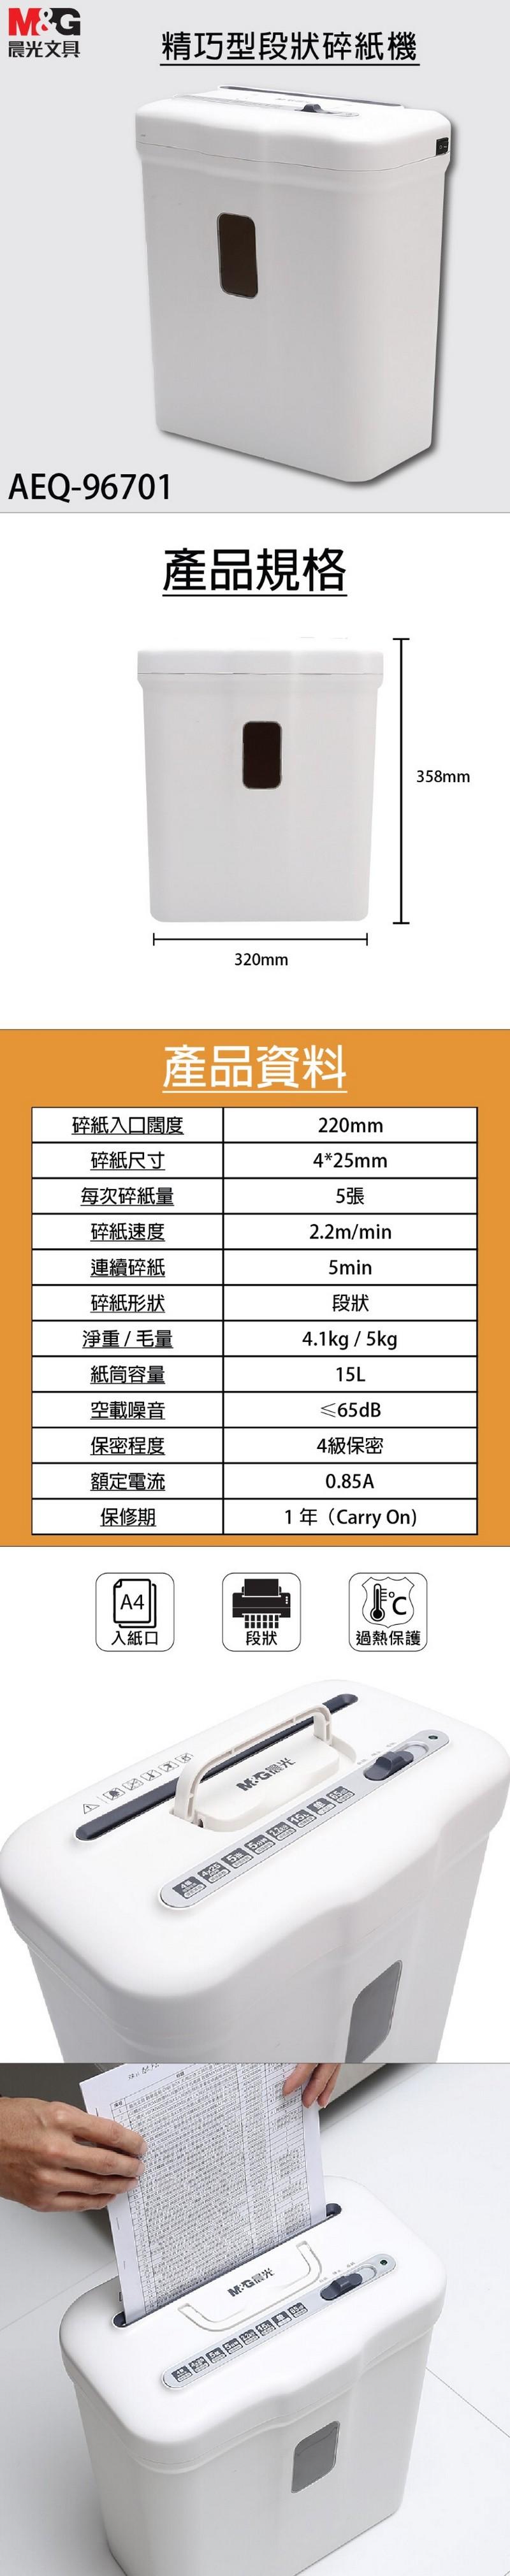 晨光精巧型段狀(4*25mm)碎紙機